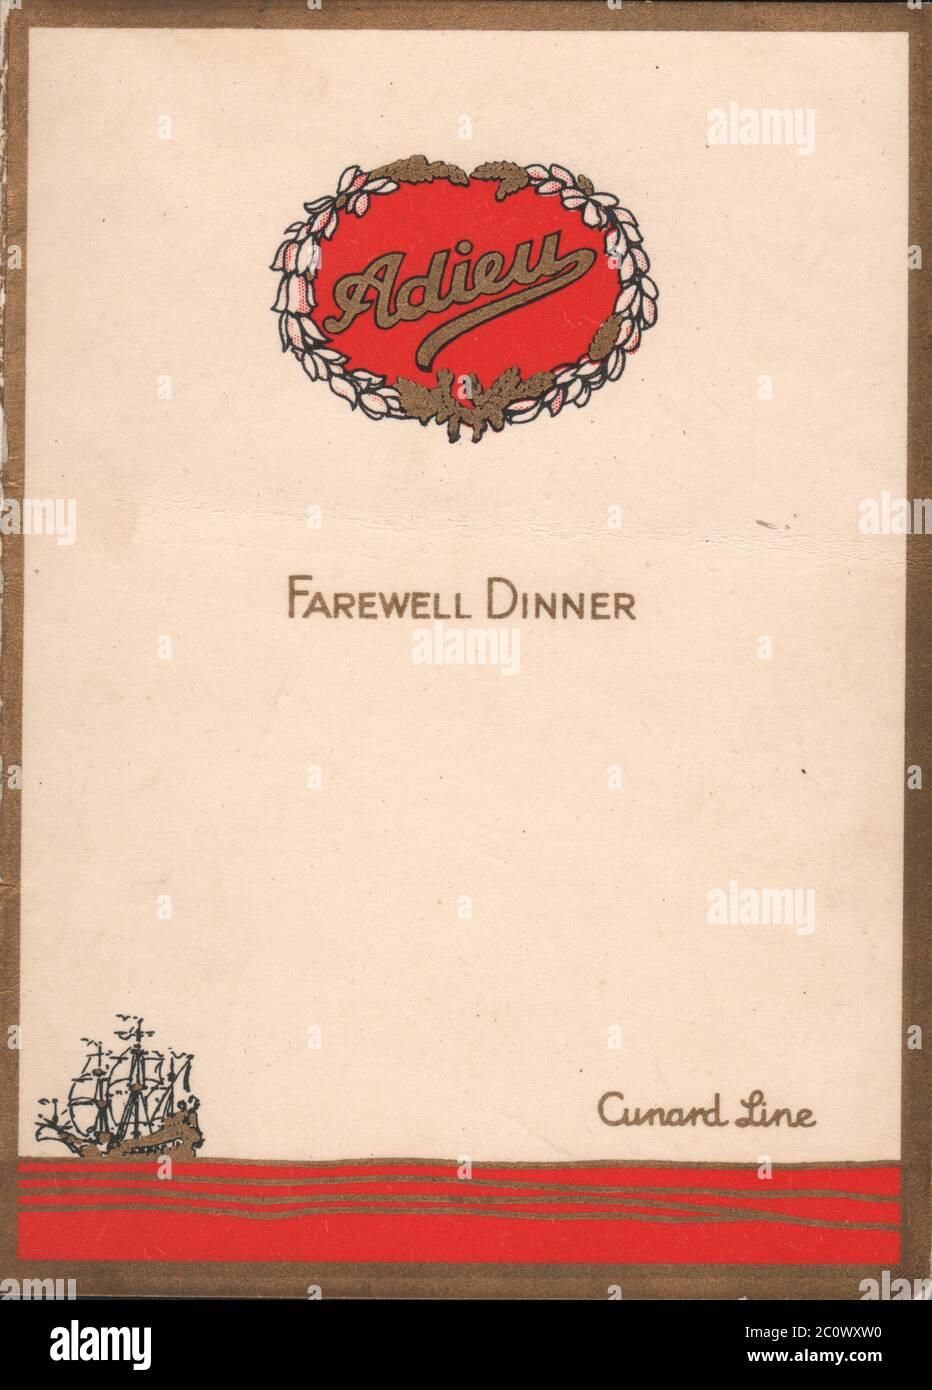 SS Aurania Farewell Dinner Menu - 28 June 1929 Stock Photo